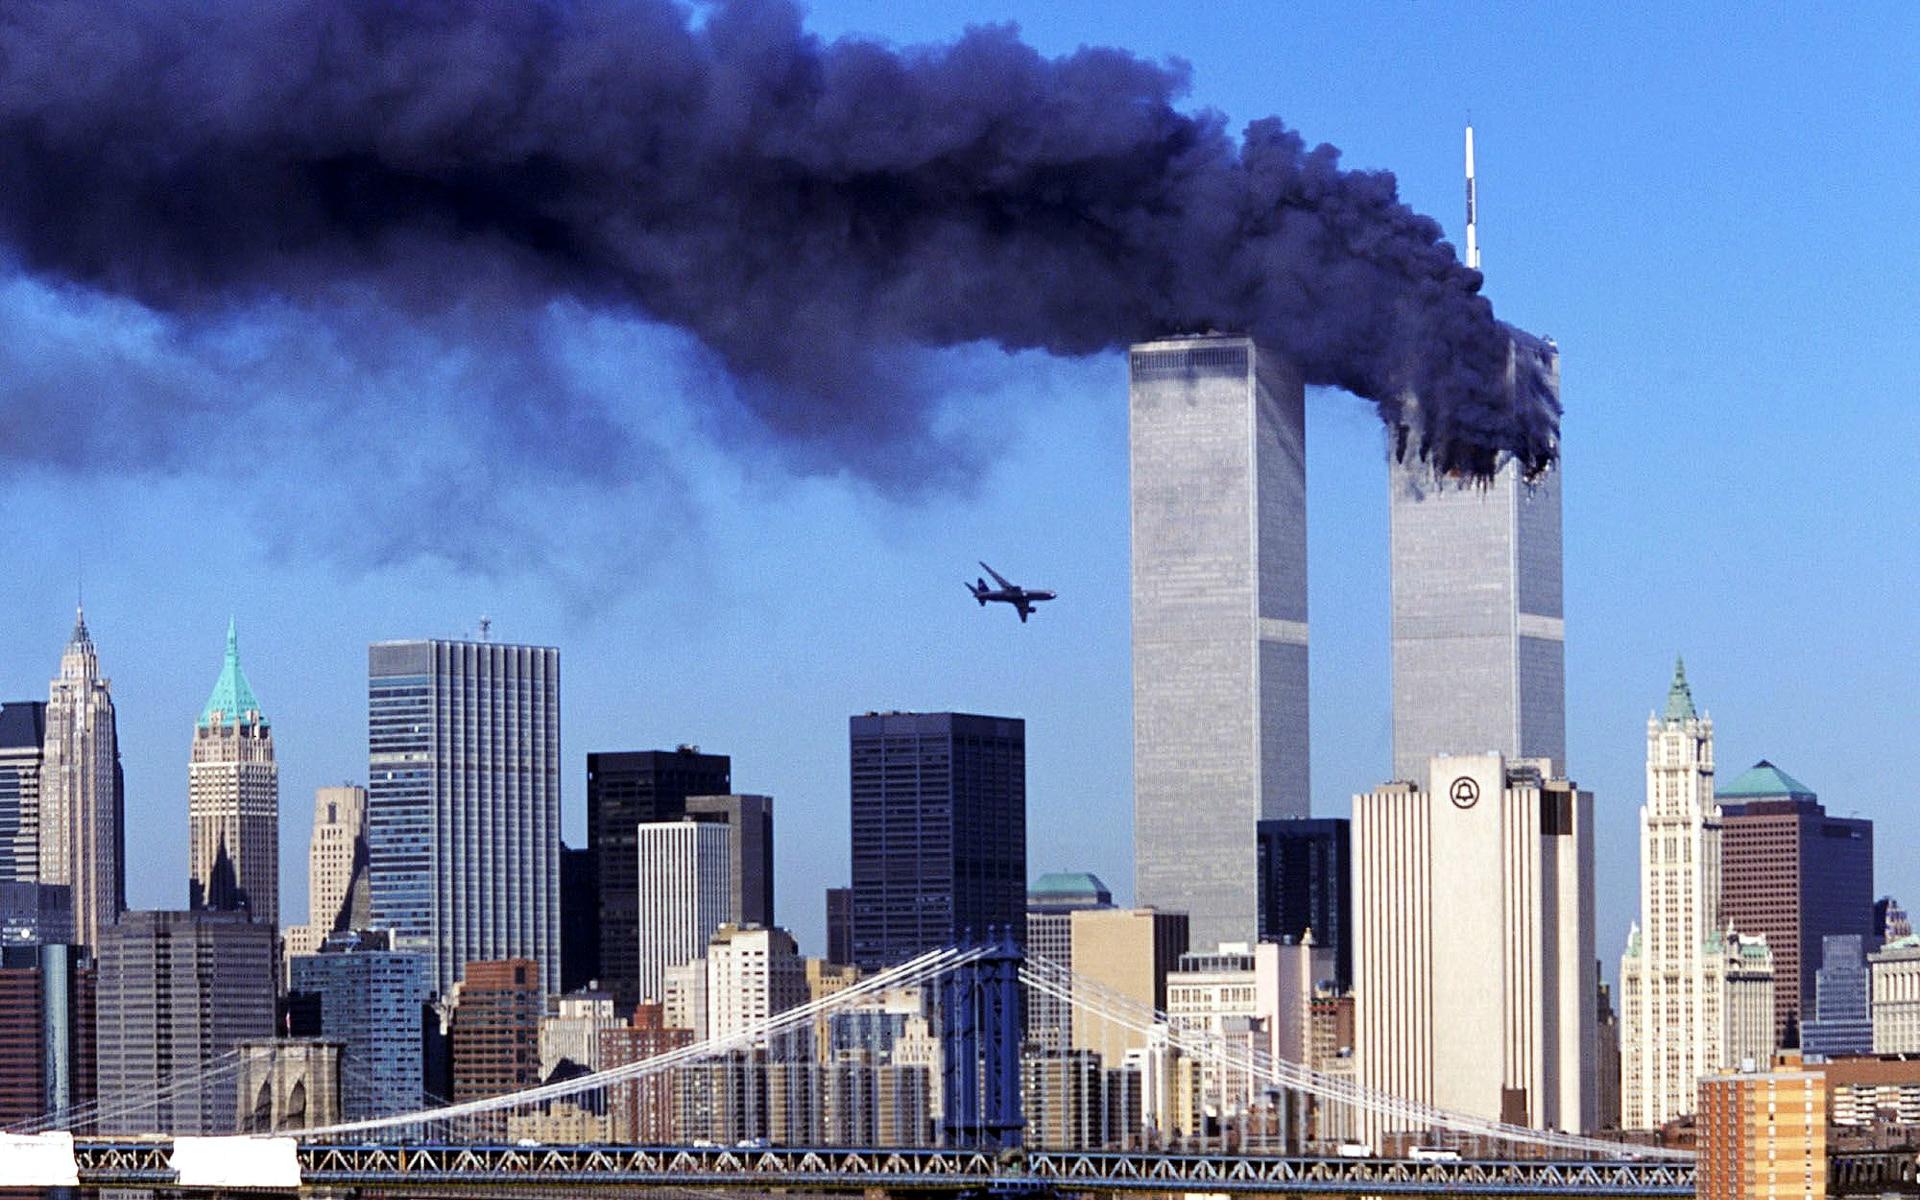 Quelle loi pour les familles des victimes du 11 Septembre 2001 le Congrès américain a-t-il voté ce 9 septembre ?